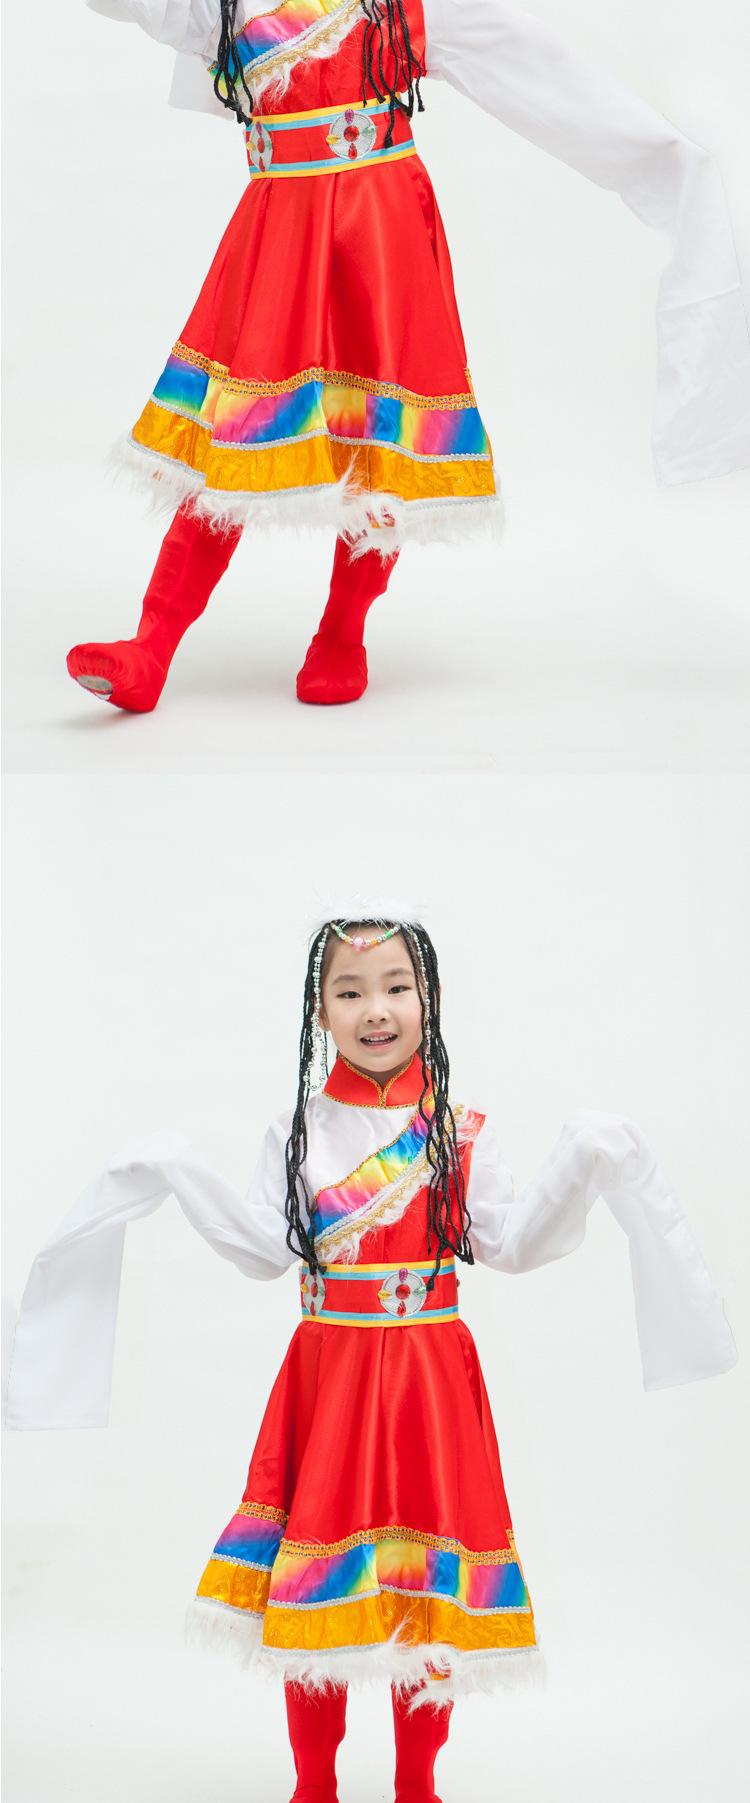 瑾苿 藏族演出服 六一儿童节民族舞蹈服女 水袖毛边大